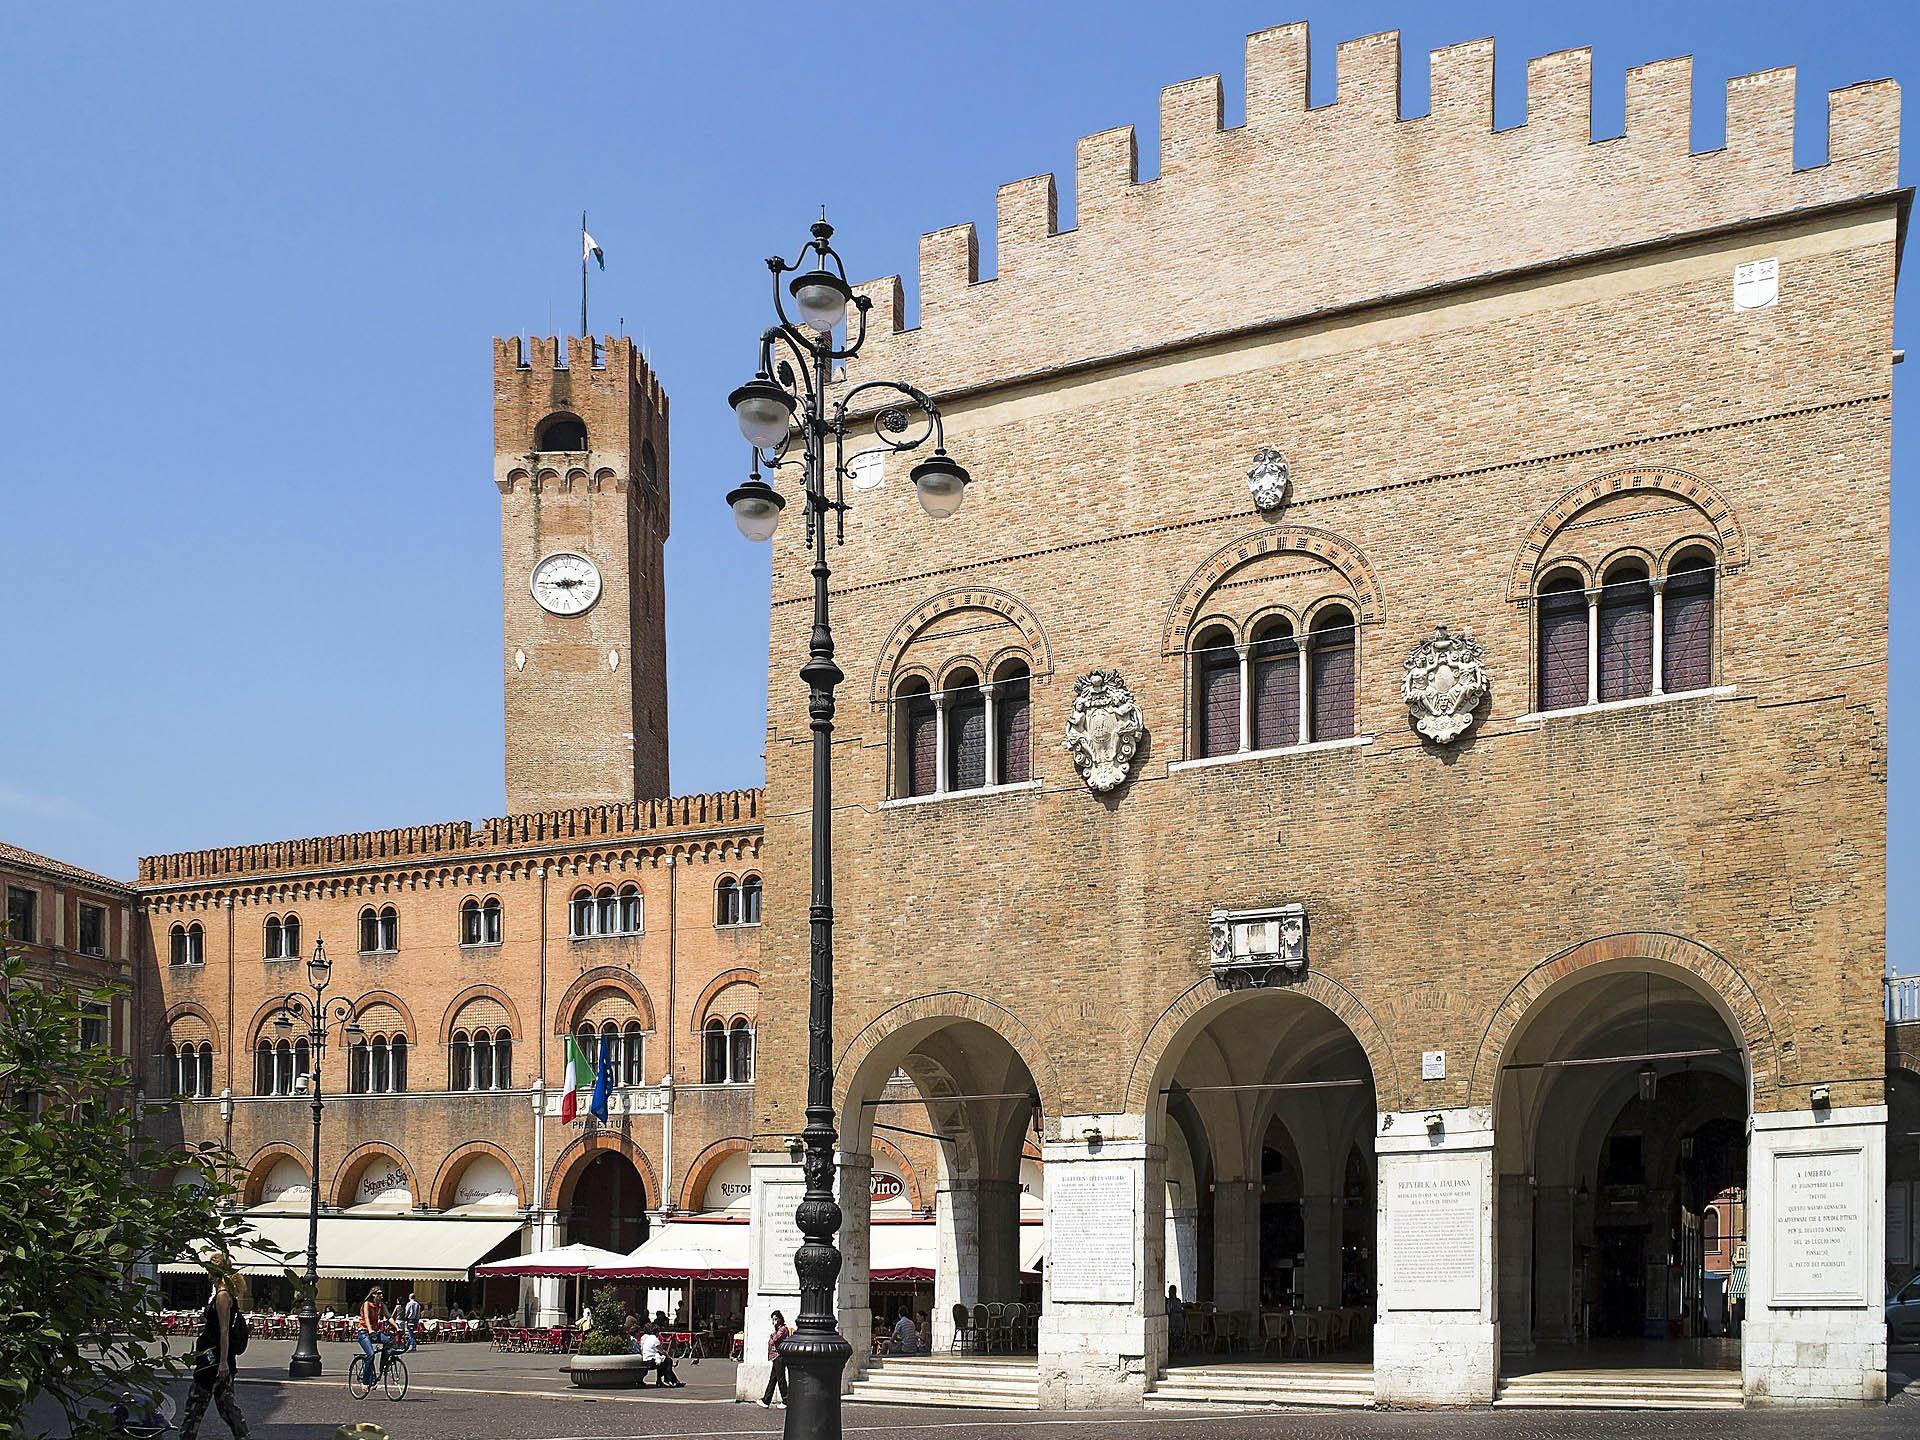 Piazza dei Signori e Palazzo dei Trecento, Treviso, Tour Treviso Urbs Picta, la città dipinta